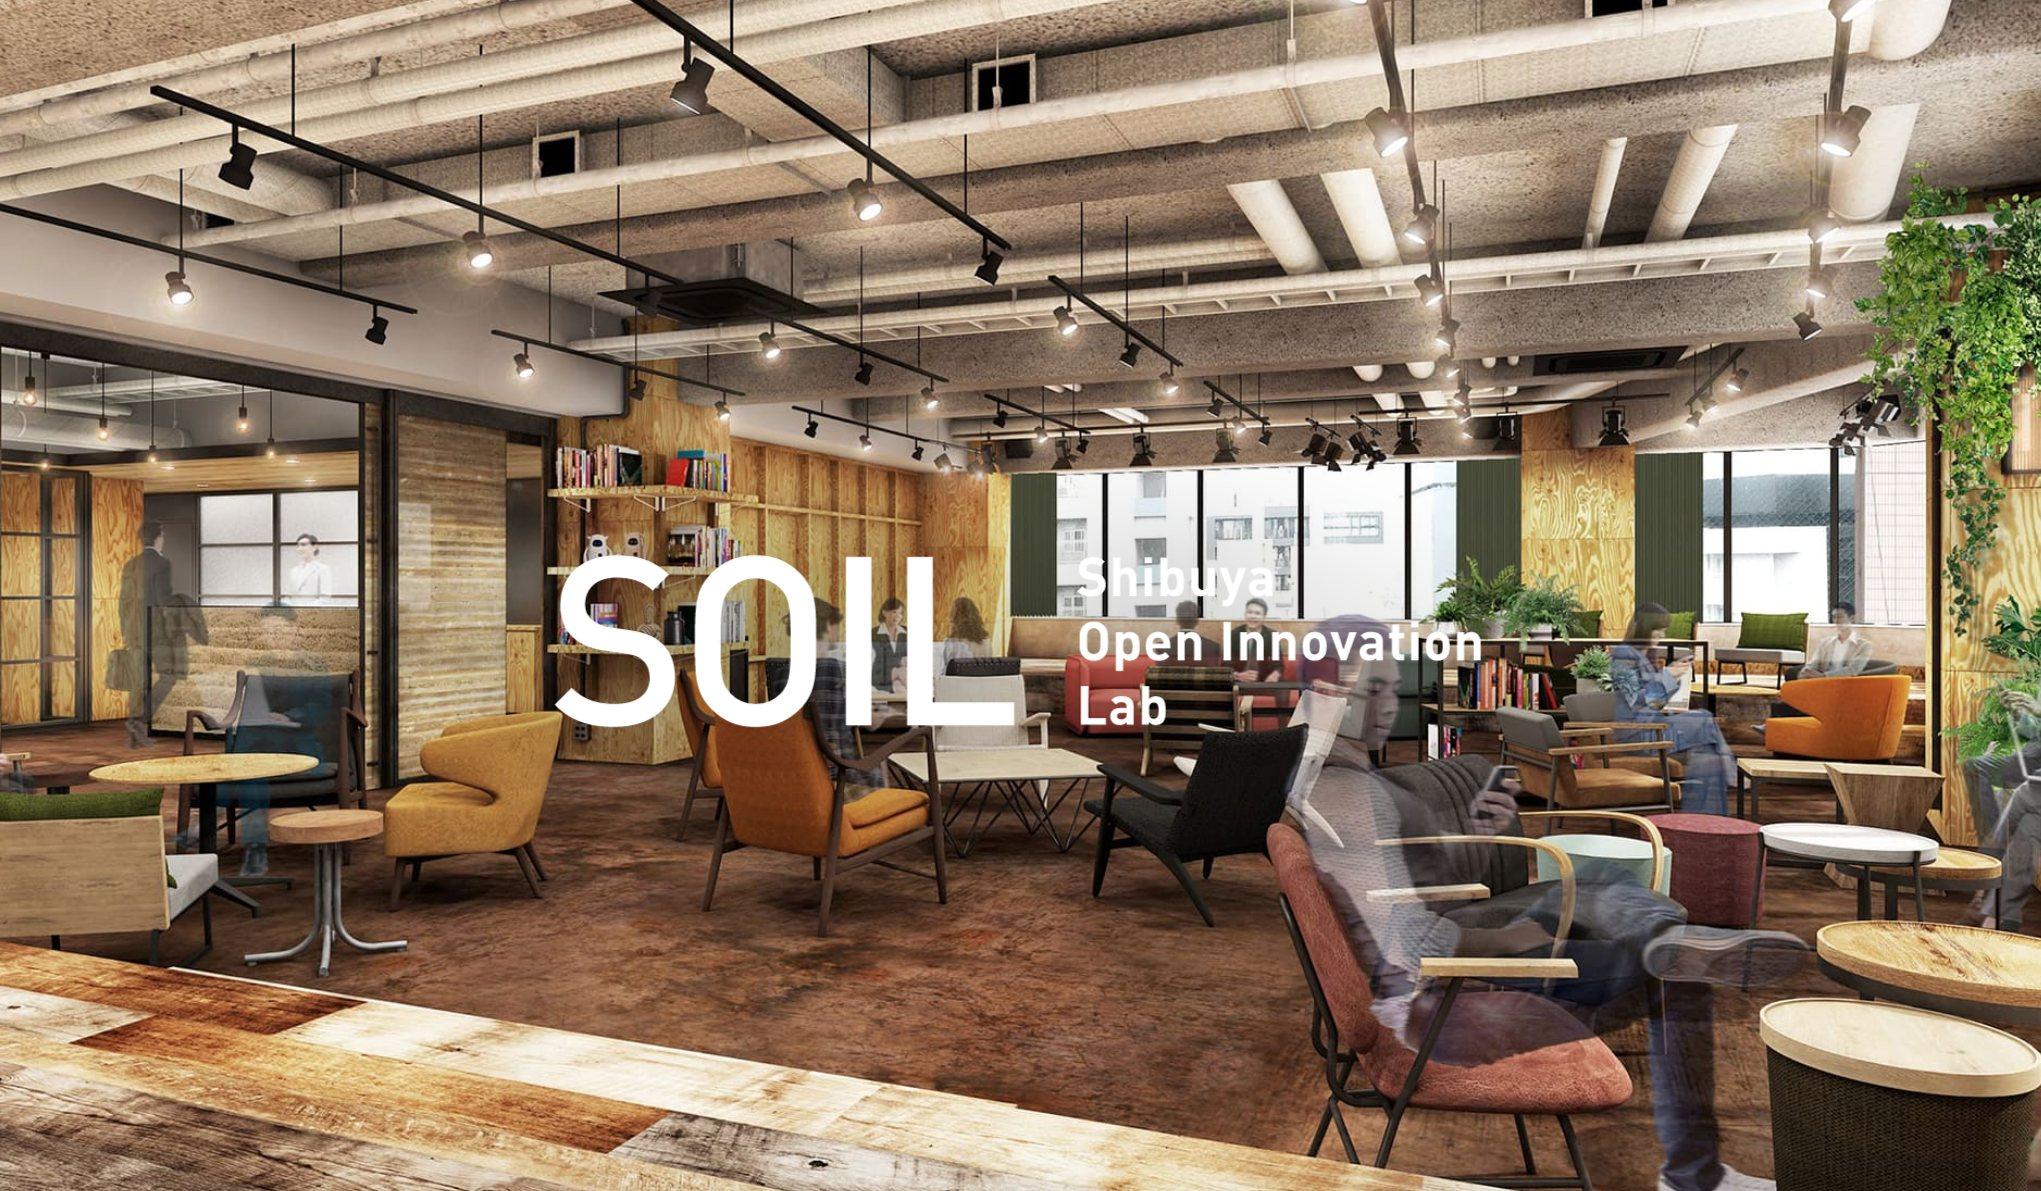 東急電鉄 | 鉄道会社として日本初、社会実装に特化したオープンイノベーション施設「SOIL」開設